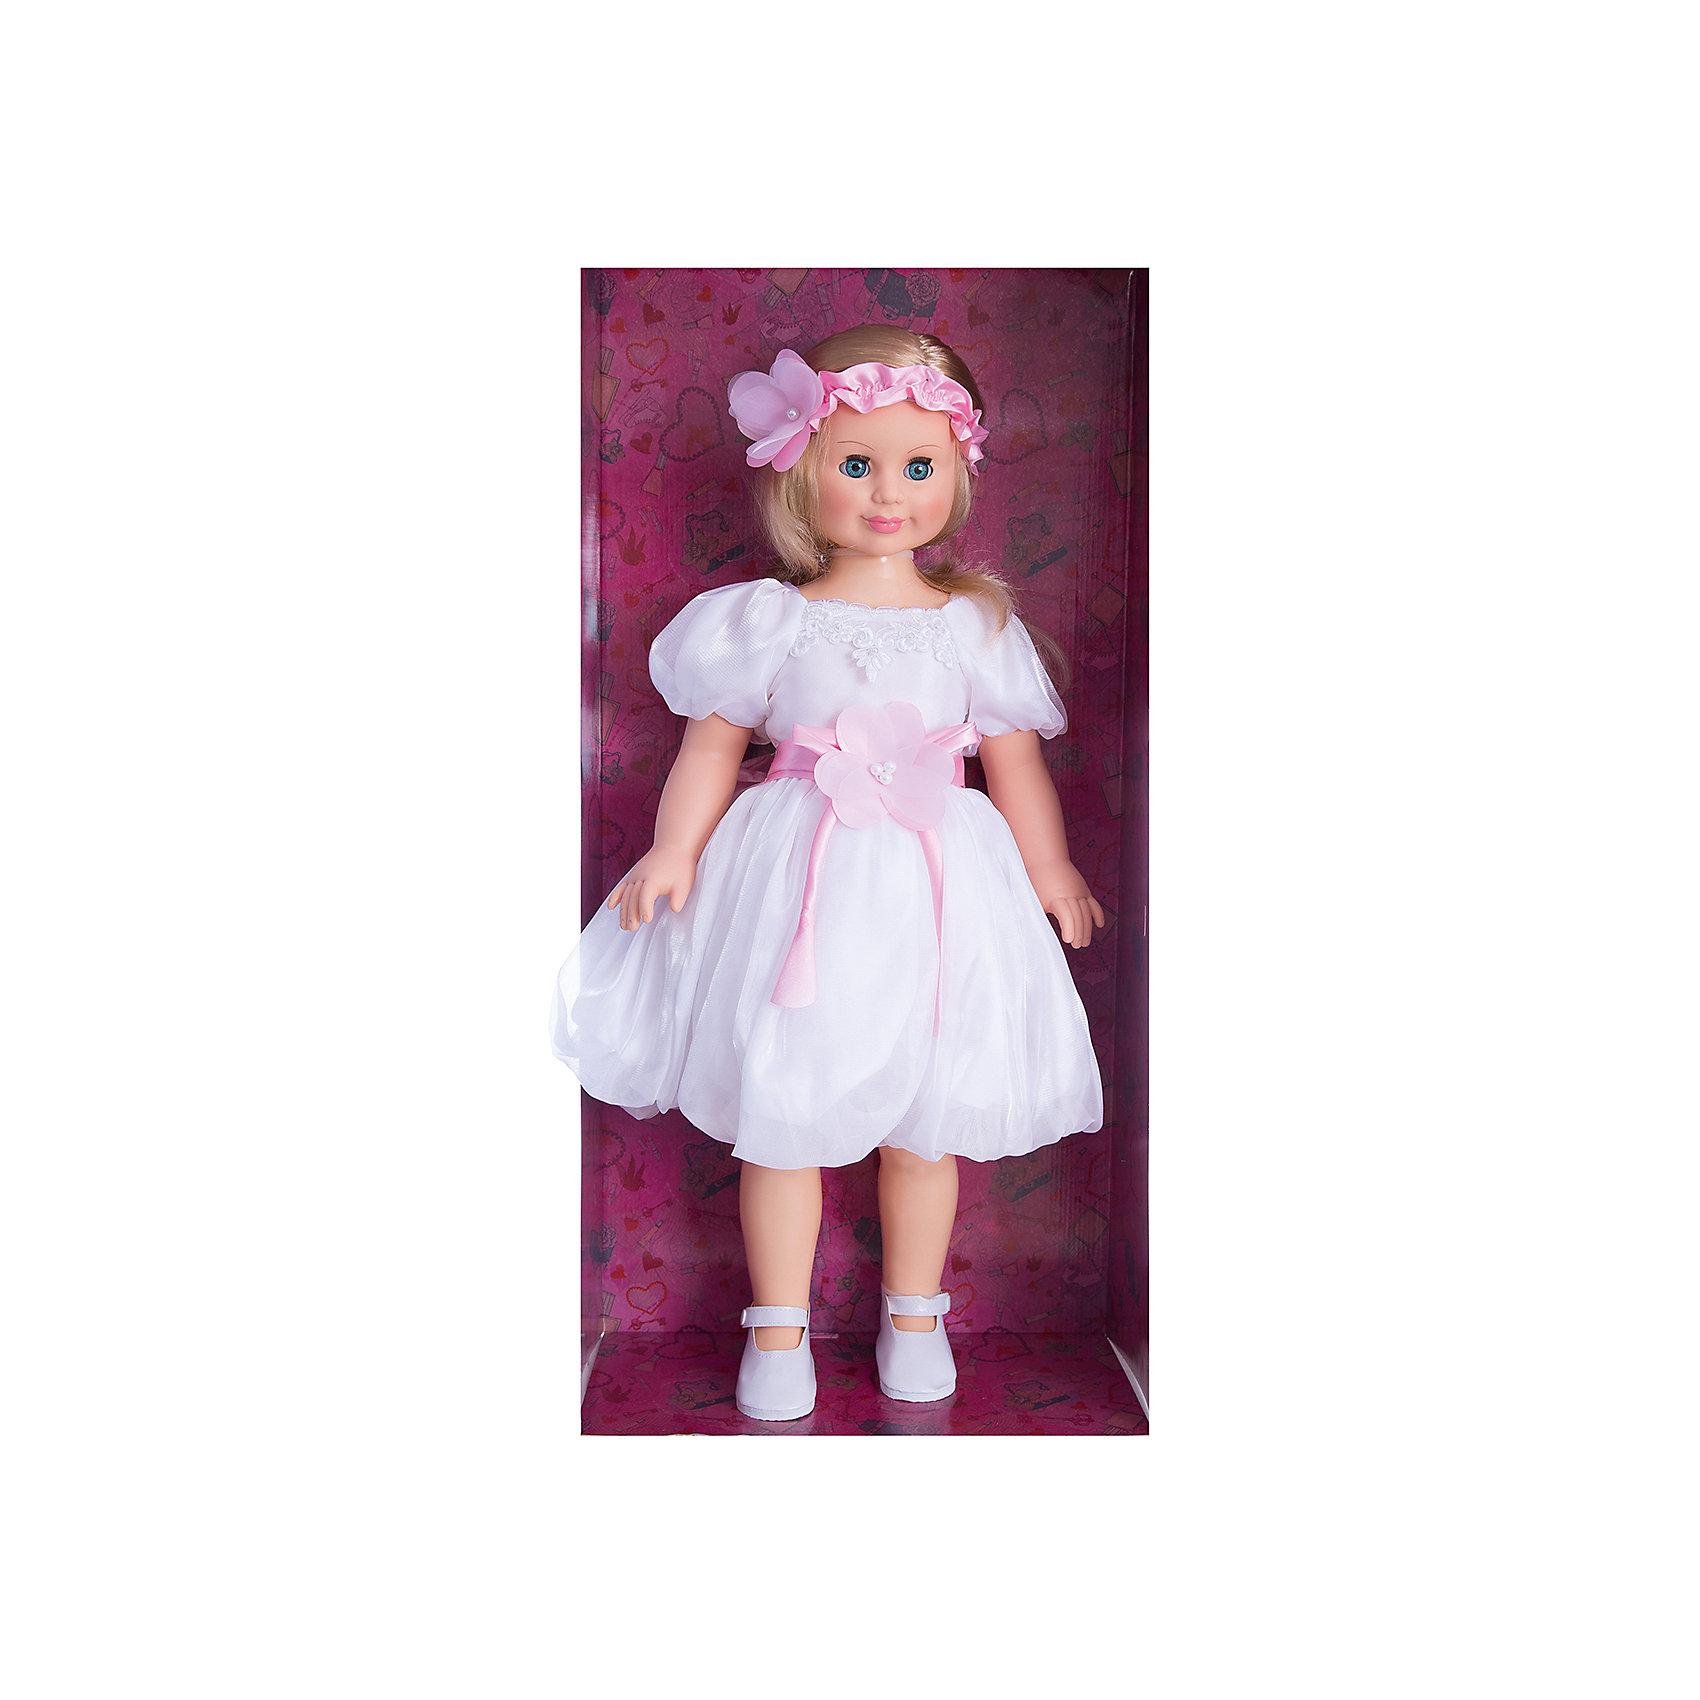 Кукла Милана 8, со звуком, 70 см, ВеснаИнтерактивные куклы<br>Большая очень красивая кукла от отечественного производителя способна не просто помочь ребенку весело проводить время, но и научить девочку одеваться со вкусом. На ней - нарядное платье и туфли, всё можно снимать и надевать.<br>Кукла произносит несколько фраз, механизм работает от батареек. Очень красиво смотрятся пышные волосы, на которых можно делать прически. Сделана игрушка из качественных и безопасных для ребенка материалов. Такая кукла поможет ребенку освоить механизмы социальных взаимодействий, развить моторику и воображение. Также куклы помогают девочкам научиться заботиться о других.<br><br>Дополнительная информация:<br><br>- материал: пластмасса;<br>- волосы: прошивные;<br>- открывающиеся глаза;<br>- звуковой модуль;<br>- снимающаяся одежда и обувь;<br>- высота: 70 см.<br><br>Комплектация:<br><br>- одежда;<br>- три батарейки СЦ 357.<br><br>Куклу Милана 8, со звуком, от марки Весна можно купить в нашем магазине.<br><br>Ширина мм: 700<br>Глубина мм: 340<br>Высота мм: 700<br>Вес г: 2080<br>Возраст от месяцев: 36<br>Возраст до месяцев: 1188<br>Пол: Женский<br>Возраст: Детский<br>SKU: 4701849